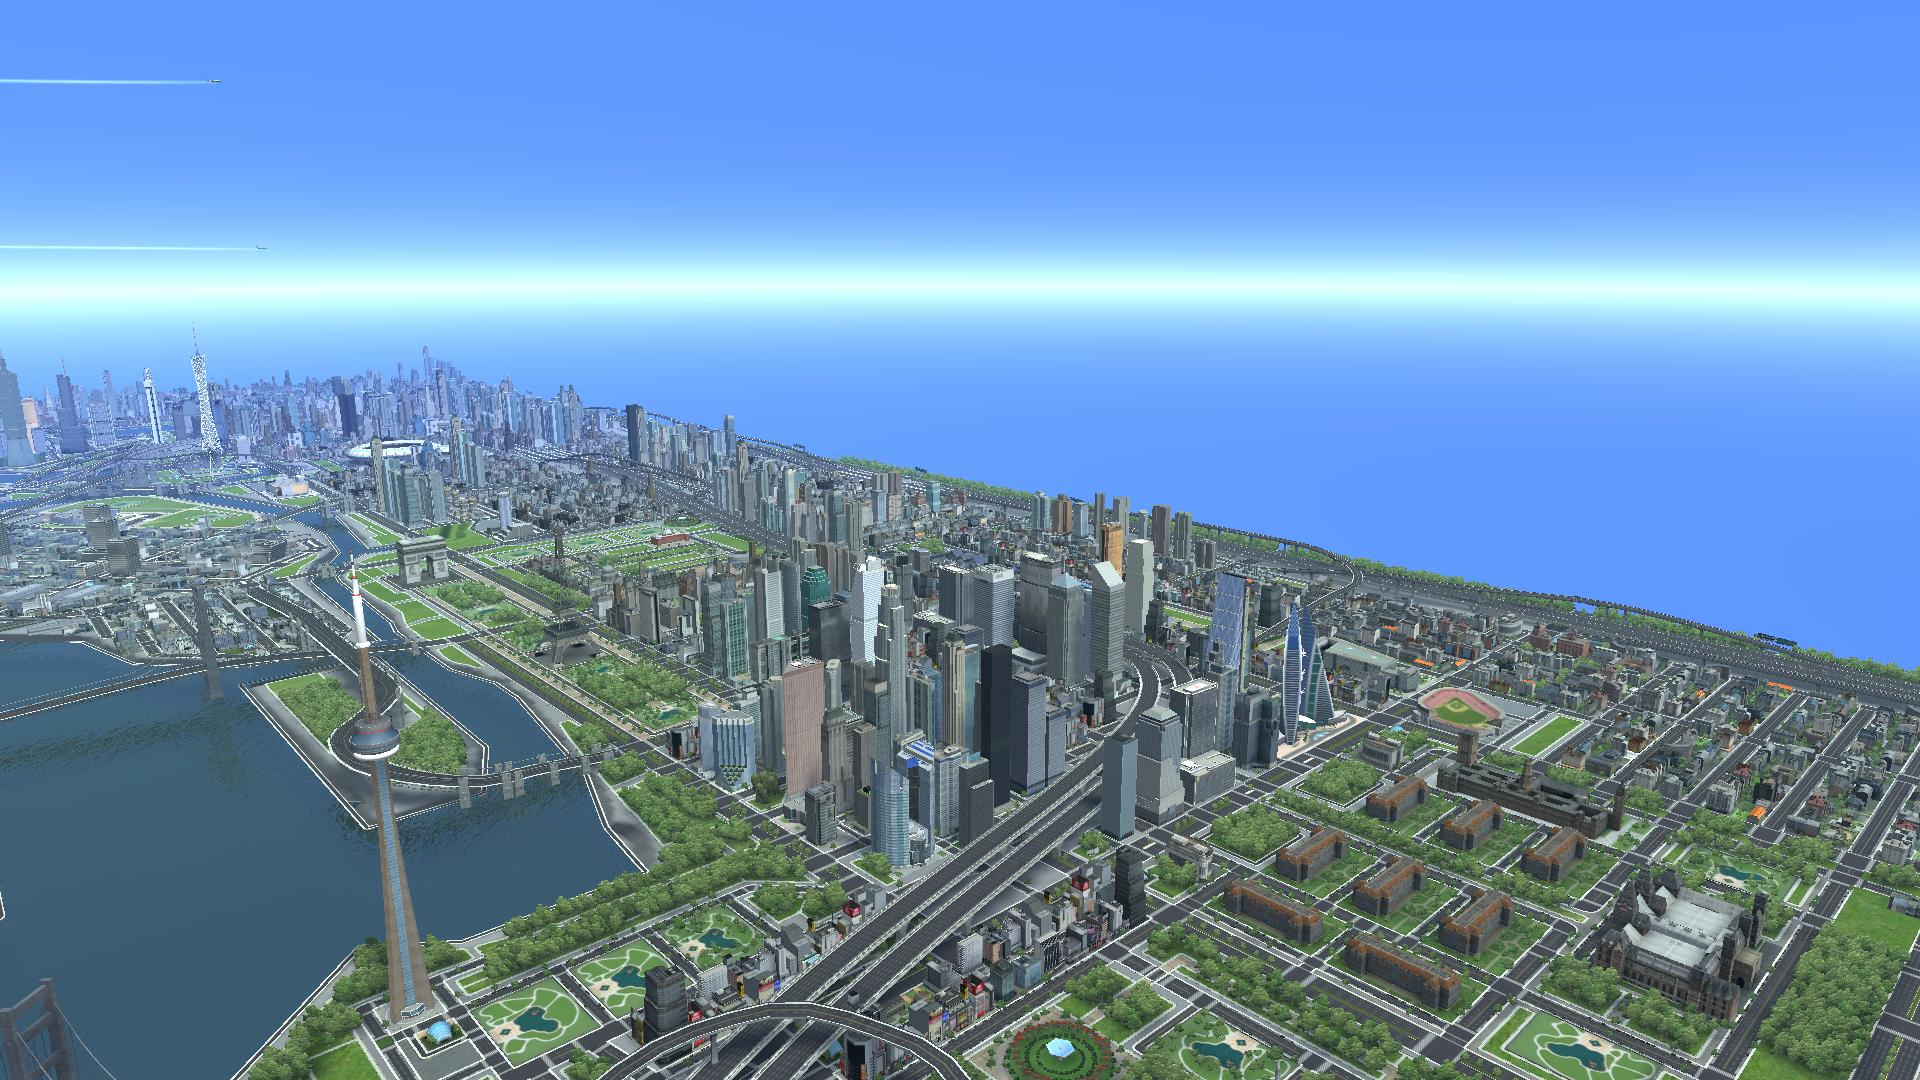 CitiesXL_2012 2014-11-06 01-57-04-60.jpg